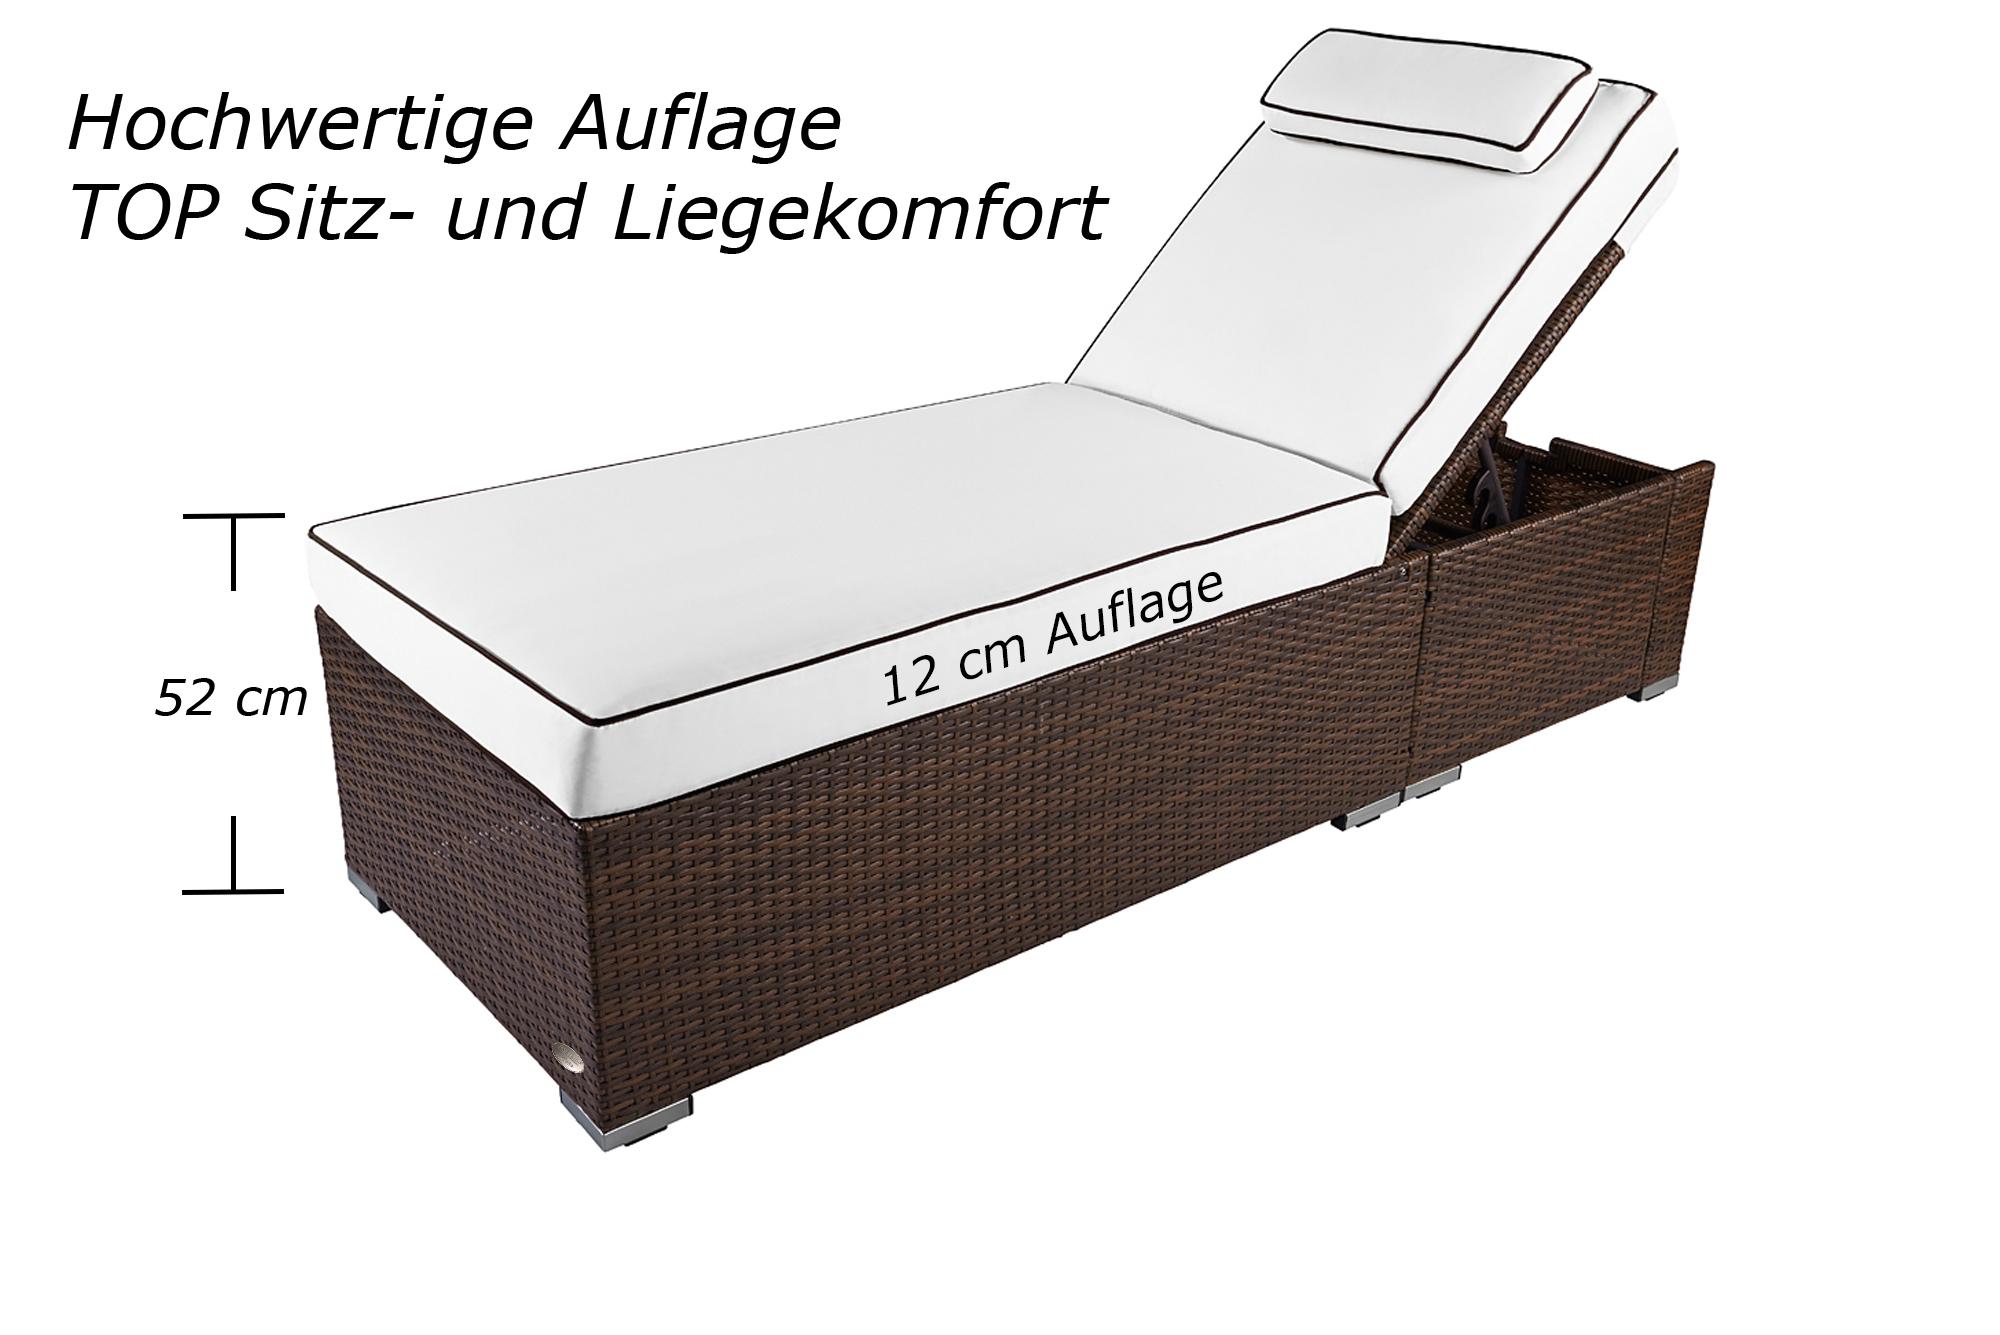 Full Size of Gartenliege Auflage 200 Modulküche Ikea Betten 160x200 Bei Küche Kosten Kaufen Miniküche Sofa Mit Schlaffunktion Wohnzimmer Sonnenliege Ikea